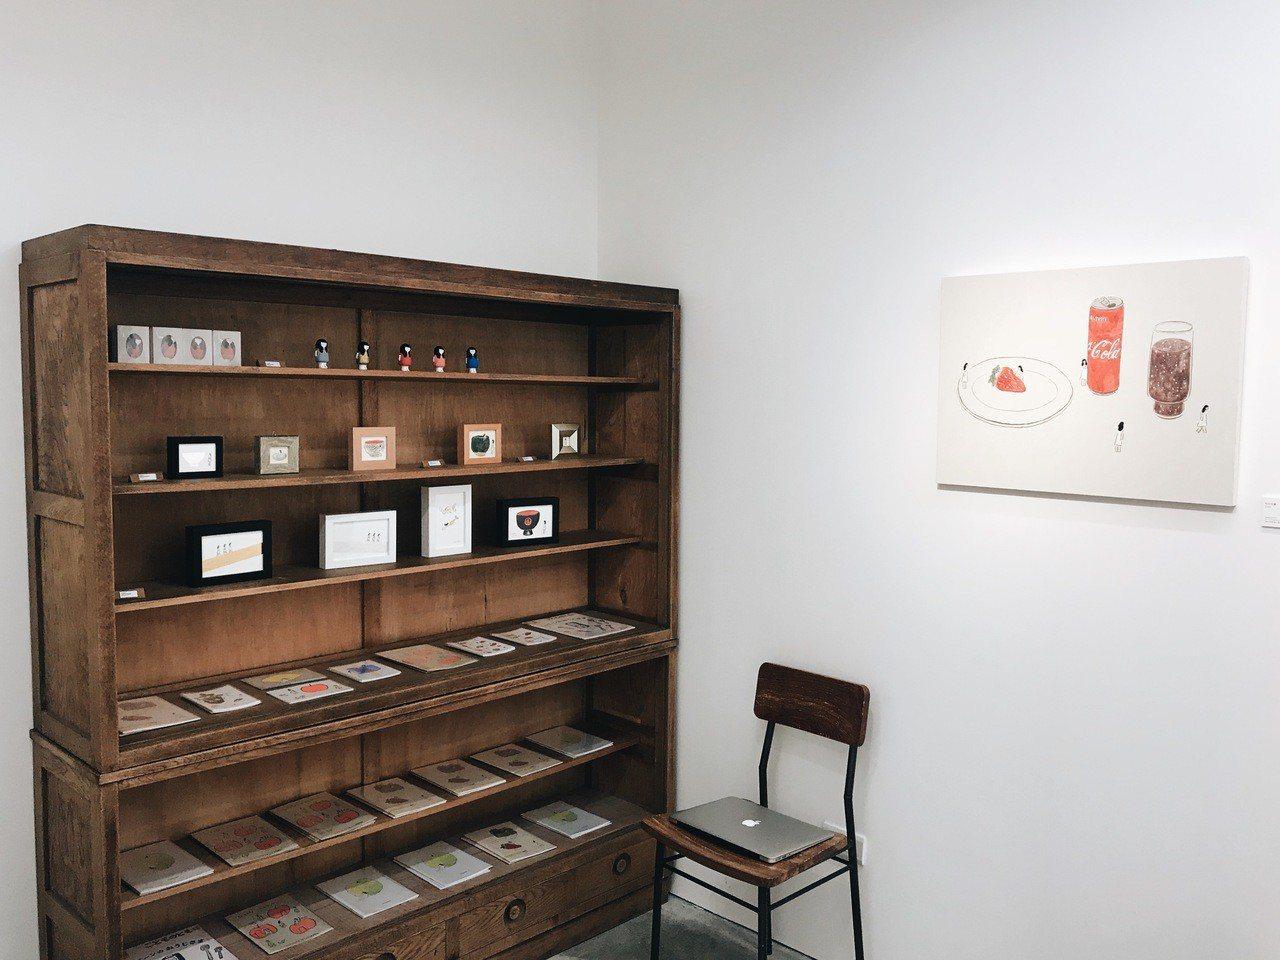 小器藝廊展覽「鬼頭祈個展」一隅。記者沈佩臻/攝影